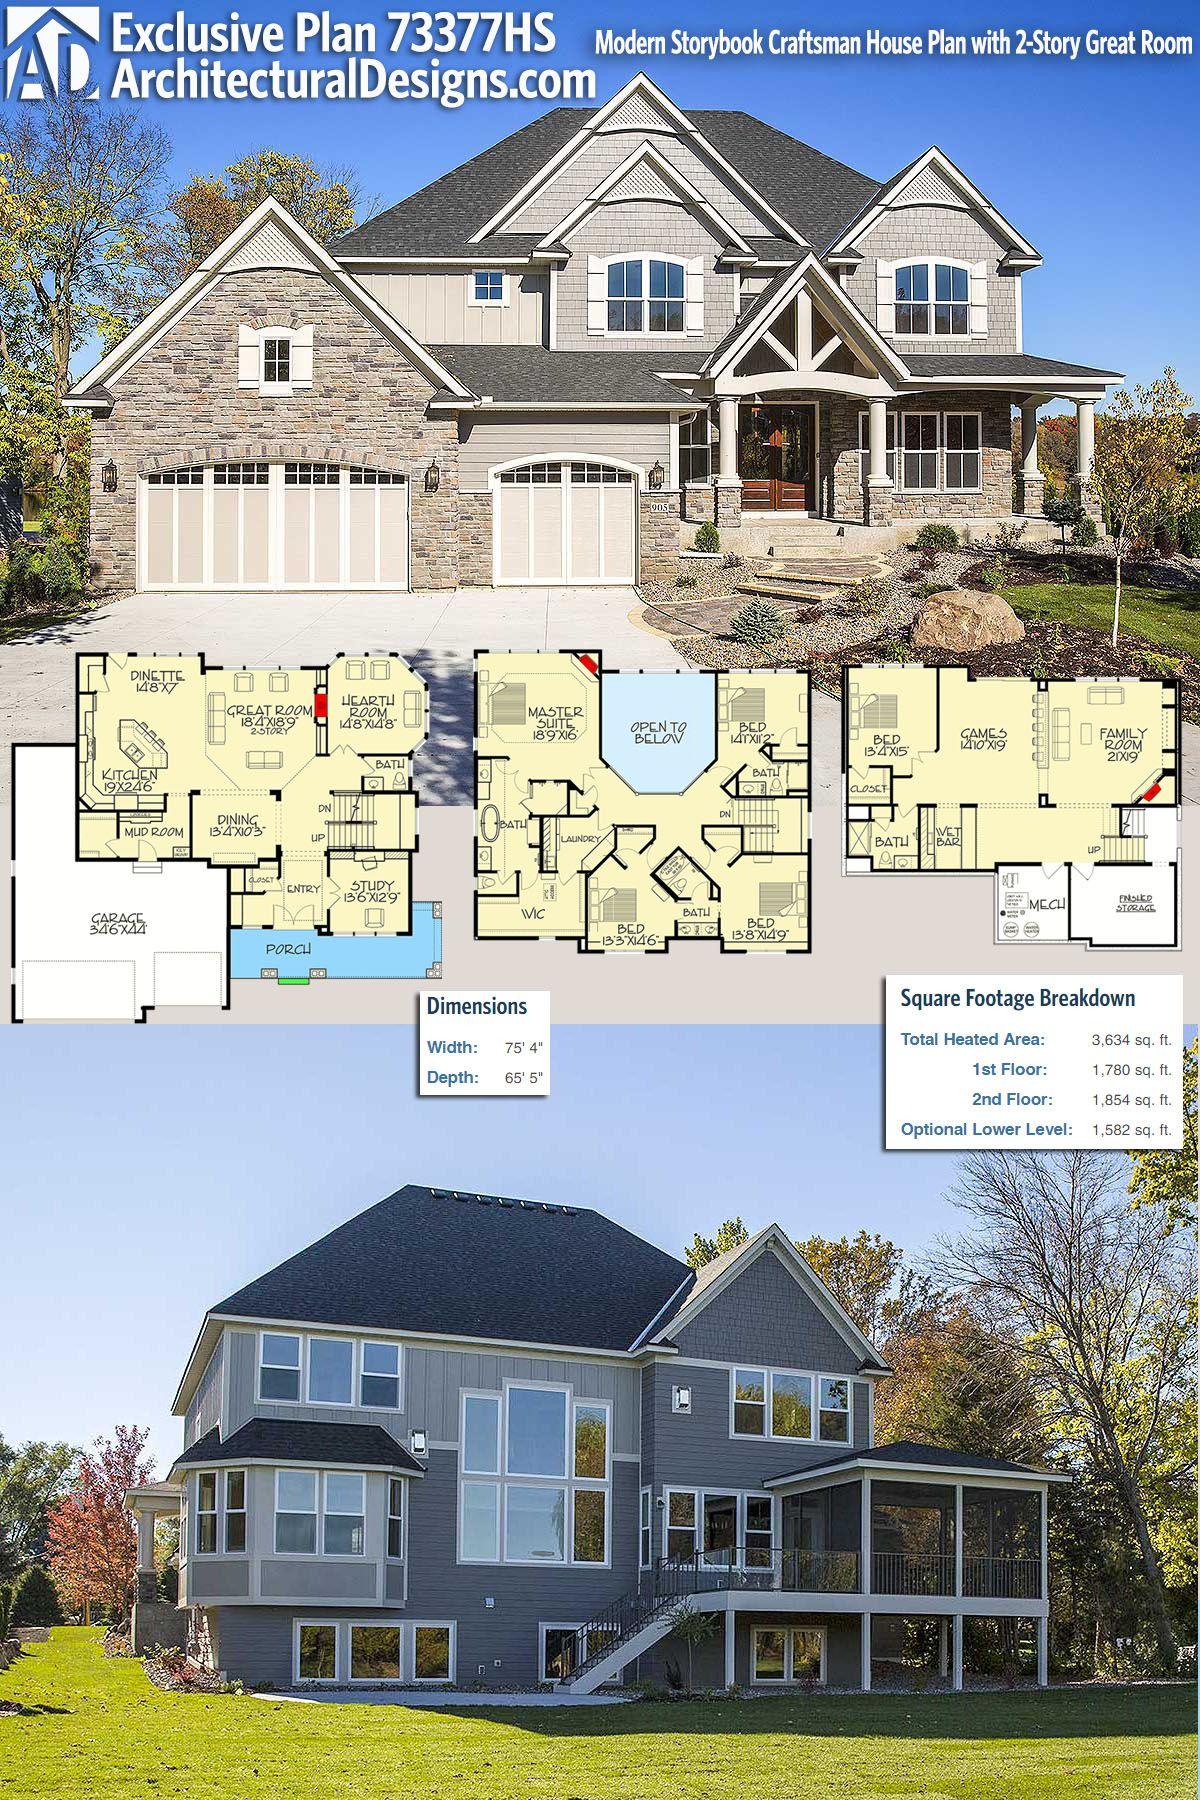 Plan 73377hs Modern Storybook Craftsman House Plan With 2 Story Great Room Craftsman House House Plans Craftsman House Plan